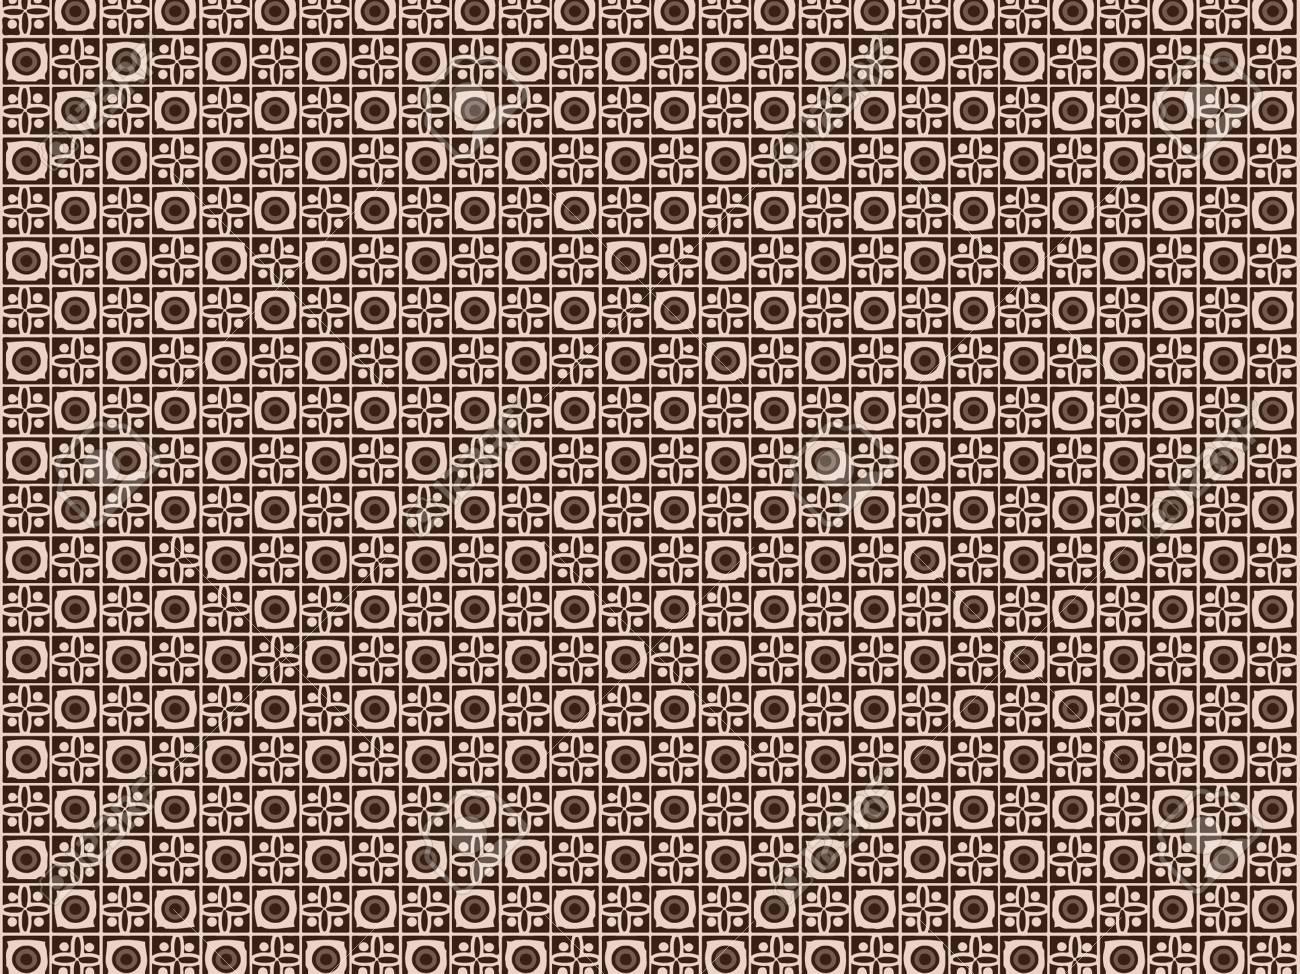 87+ Gambar Batik Yg Mudah Di Gambar